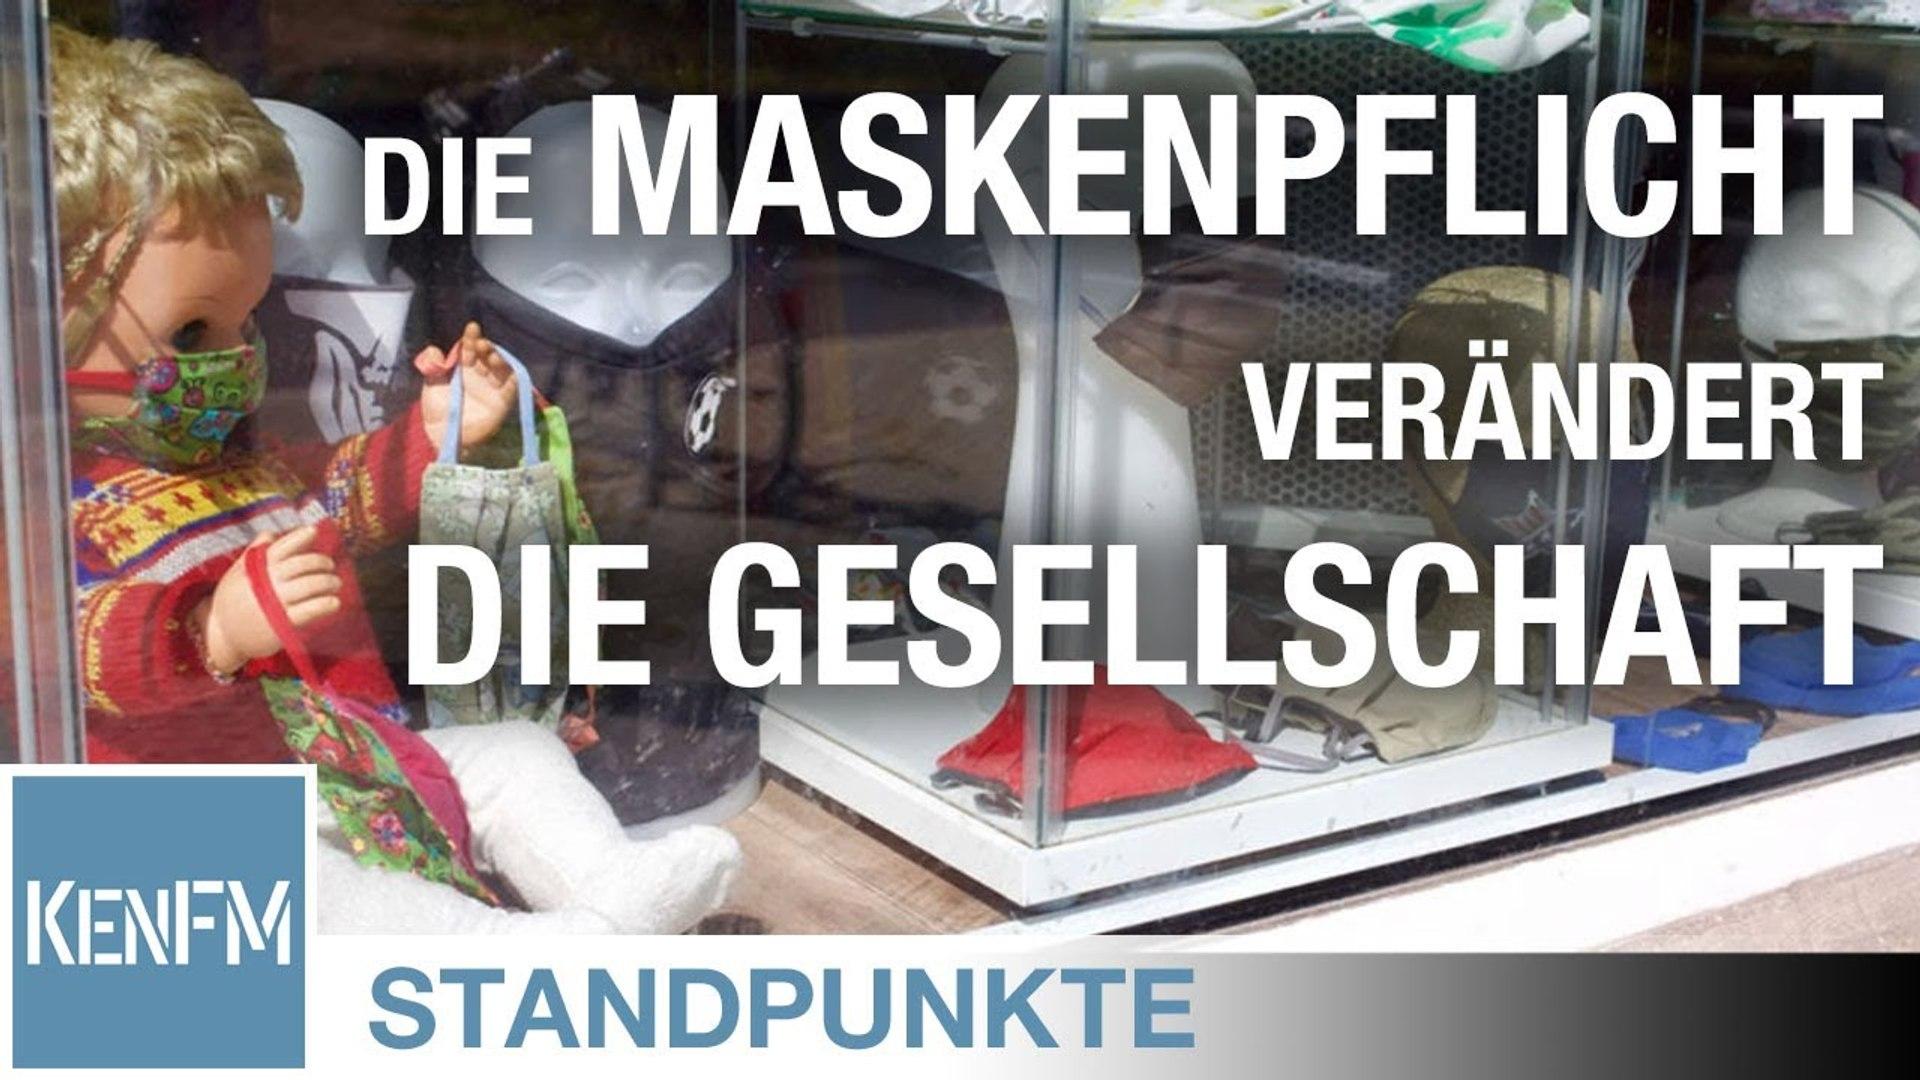 STANDPUNKTE • Die Maskenpflicht verändert das gesellschaftliche Klima